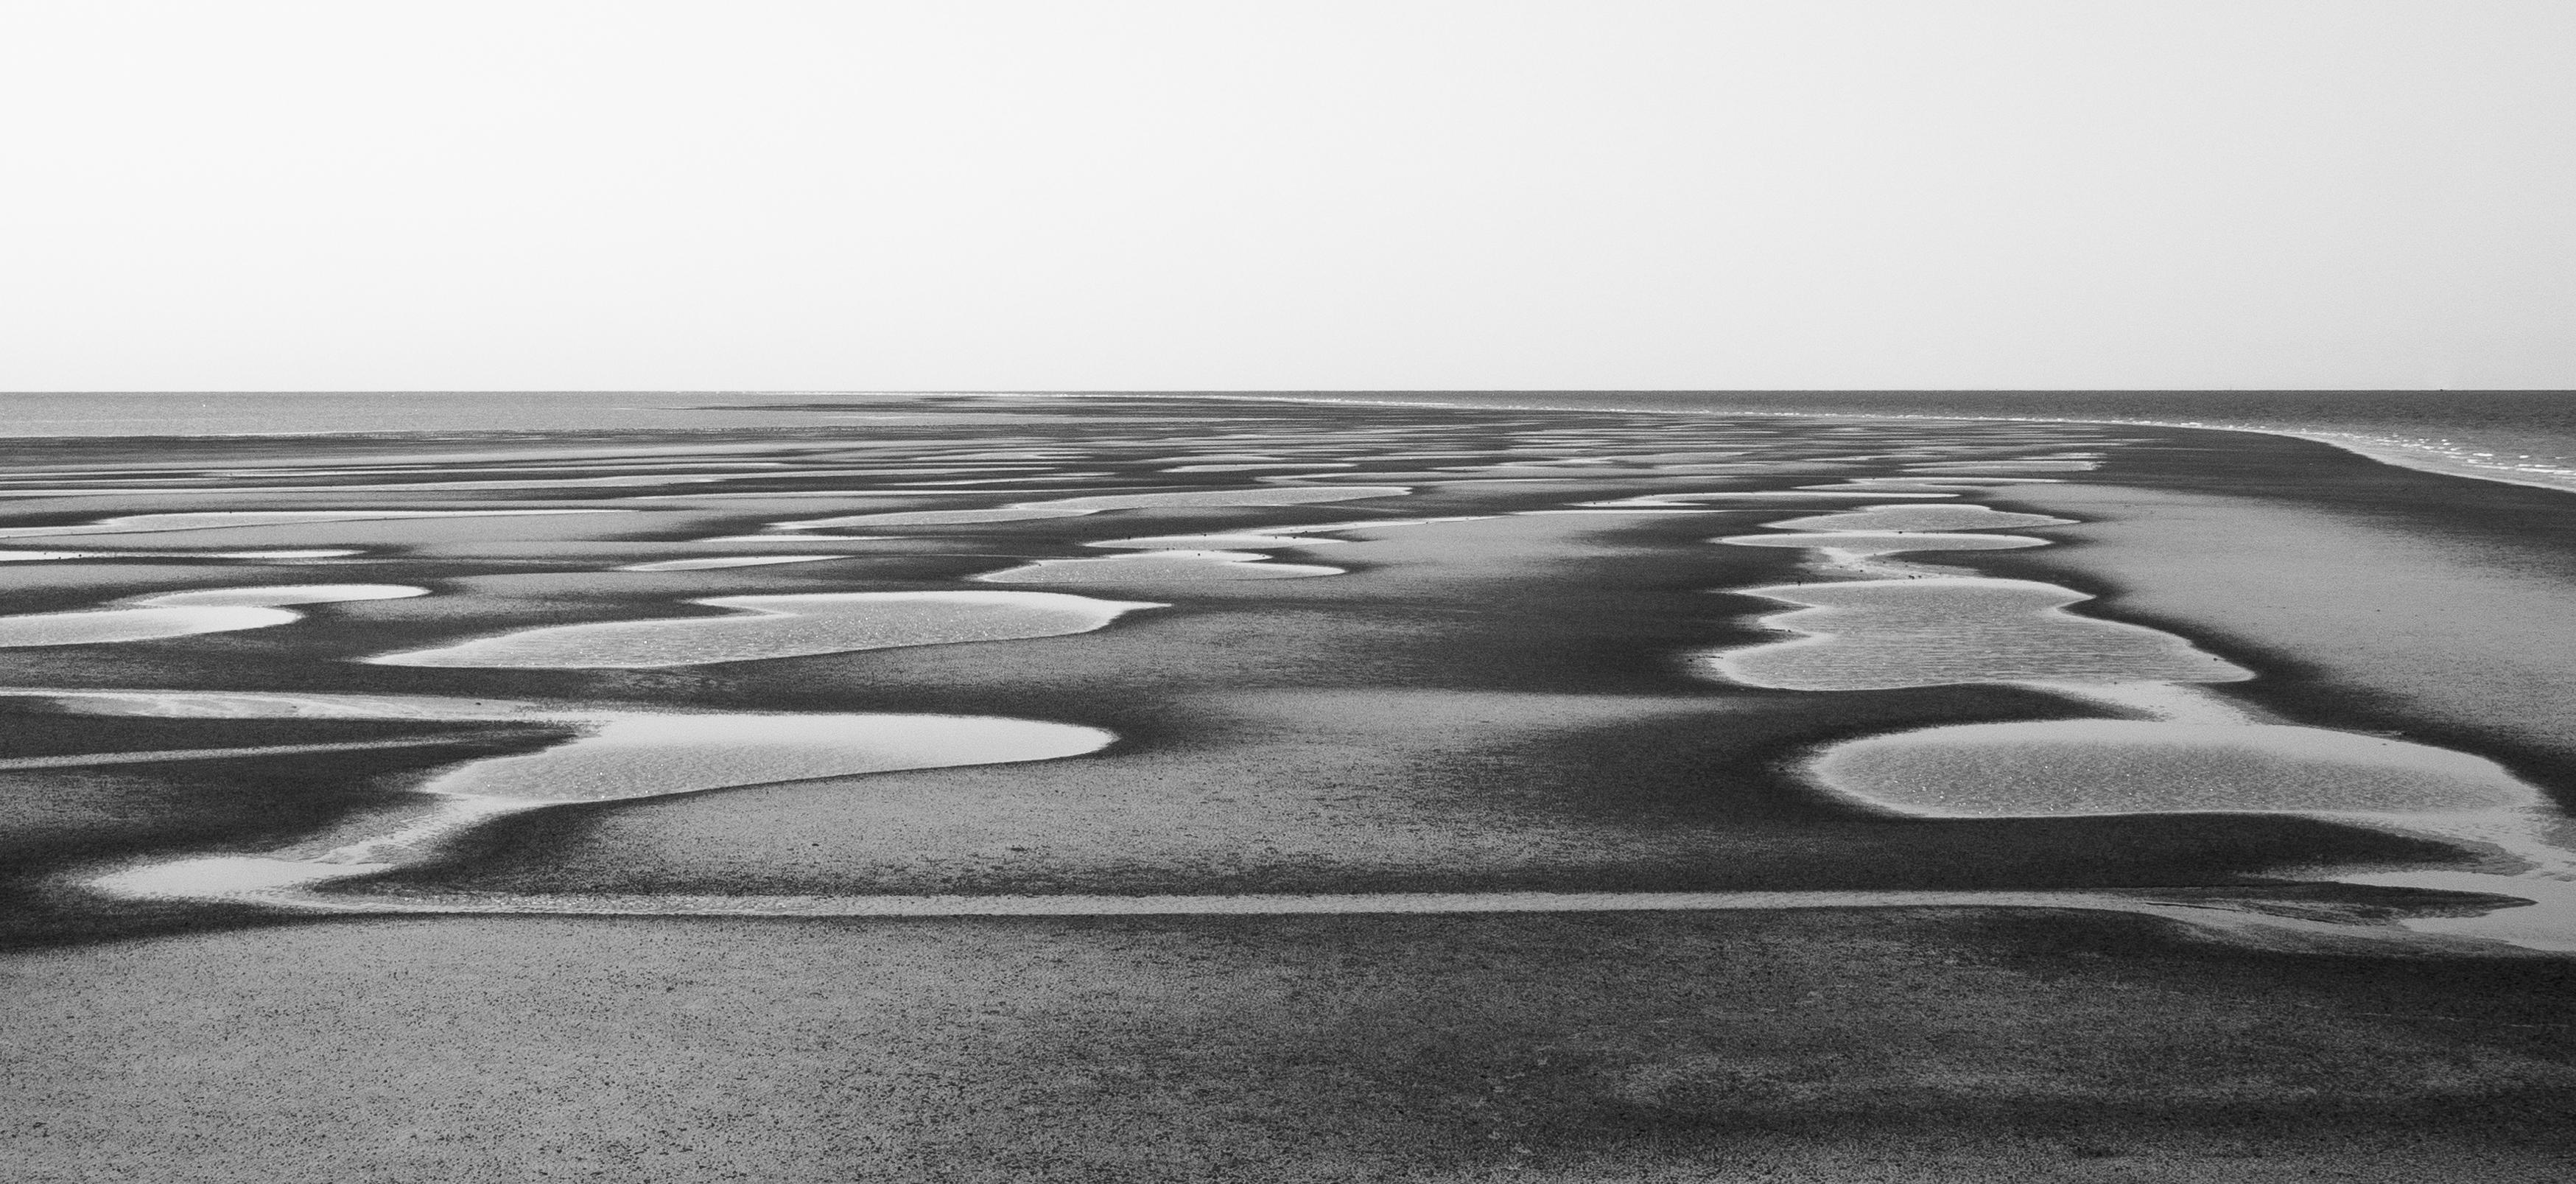 Low Tide In Hervey Bay Or Mars?